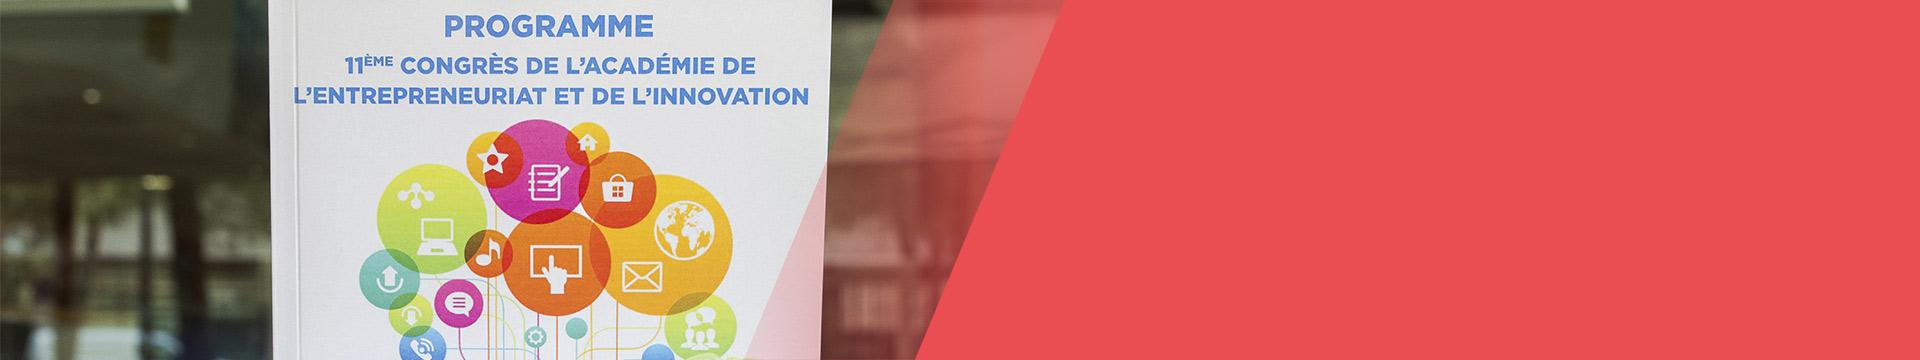 Retour congrès AEI 2019 - Montpellier Management